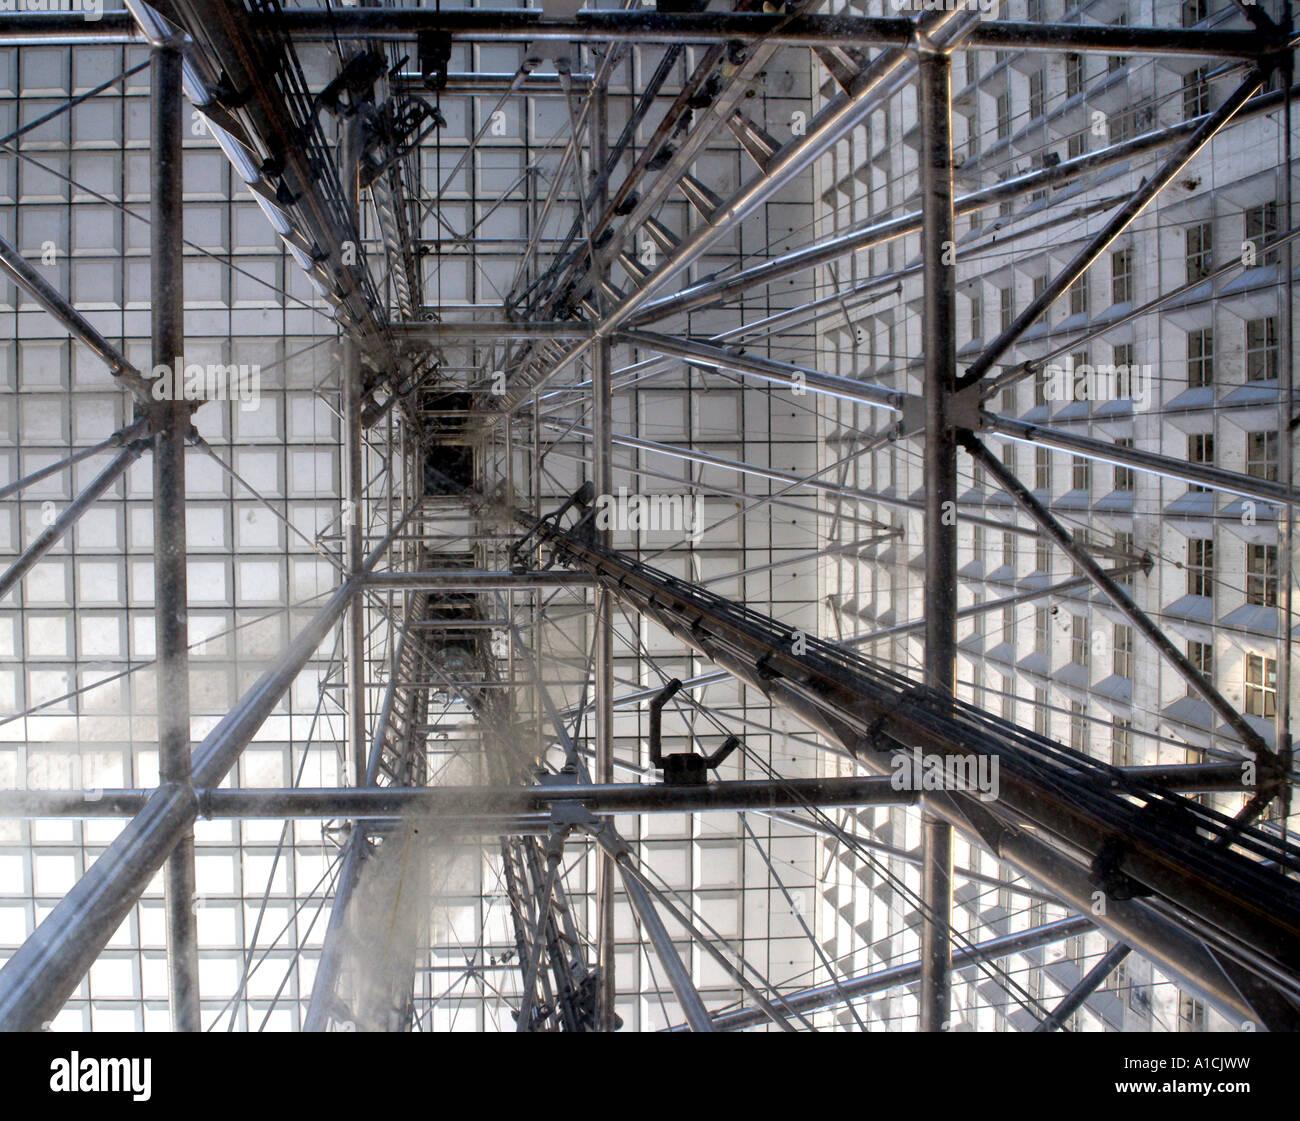 Grande Arche lift in La Defense, Paris - Stock Image